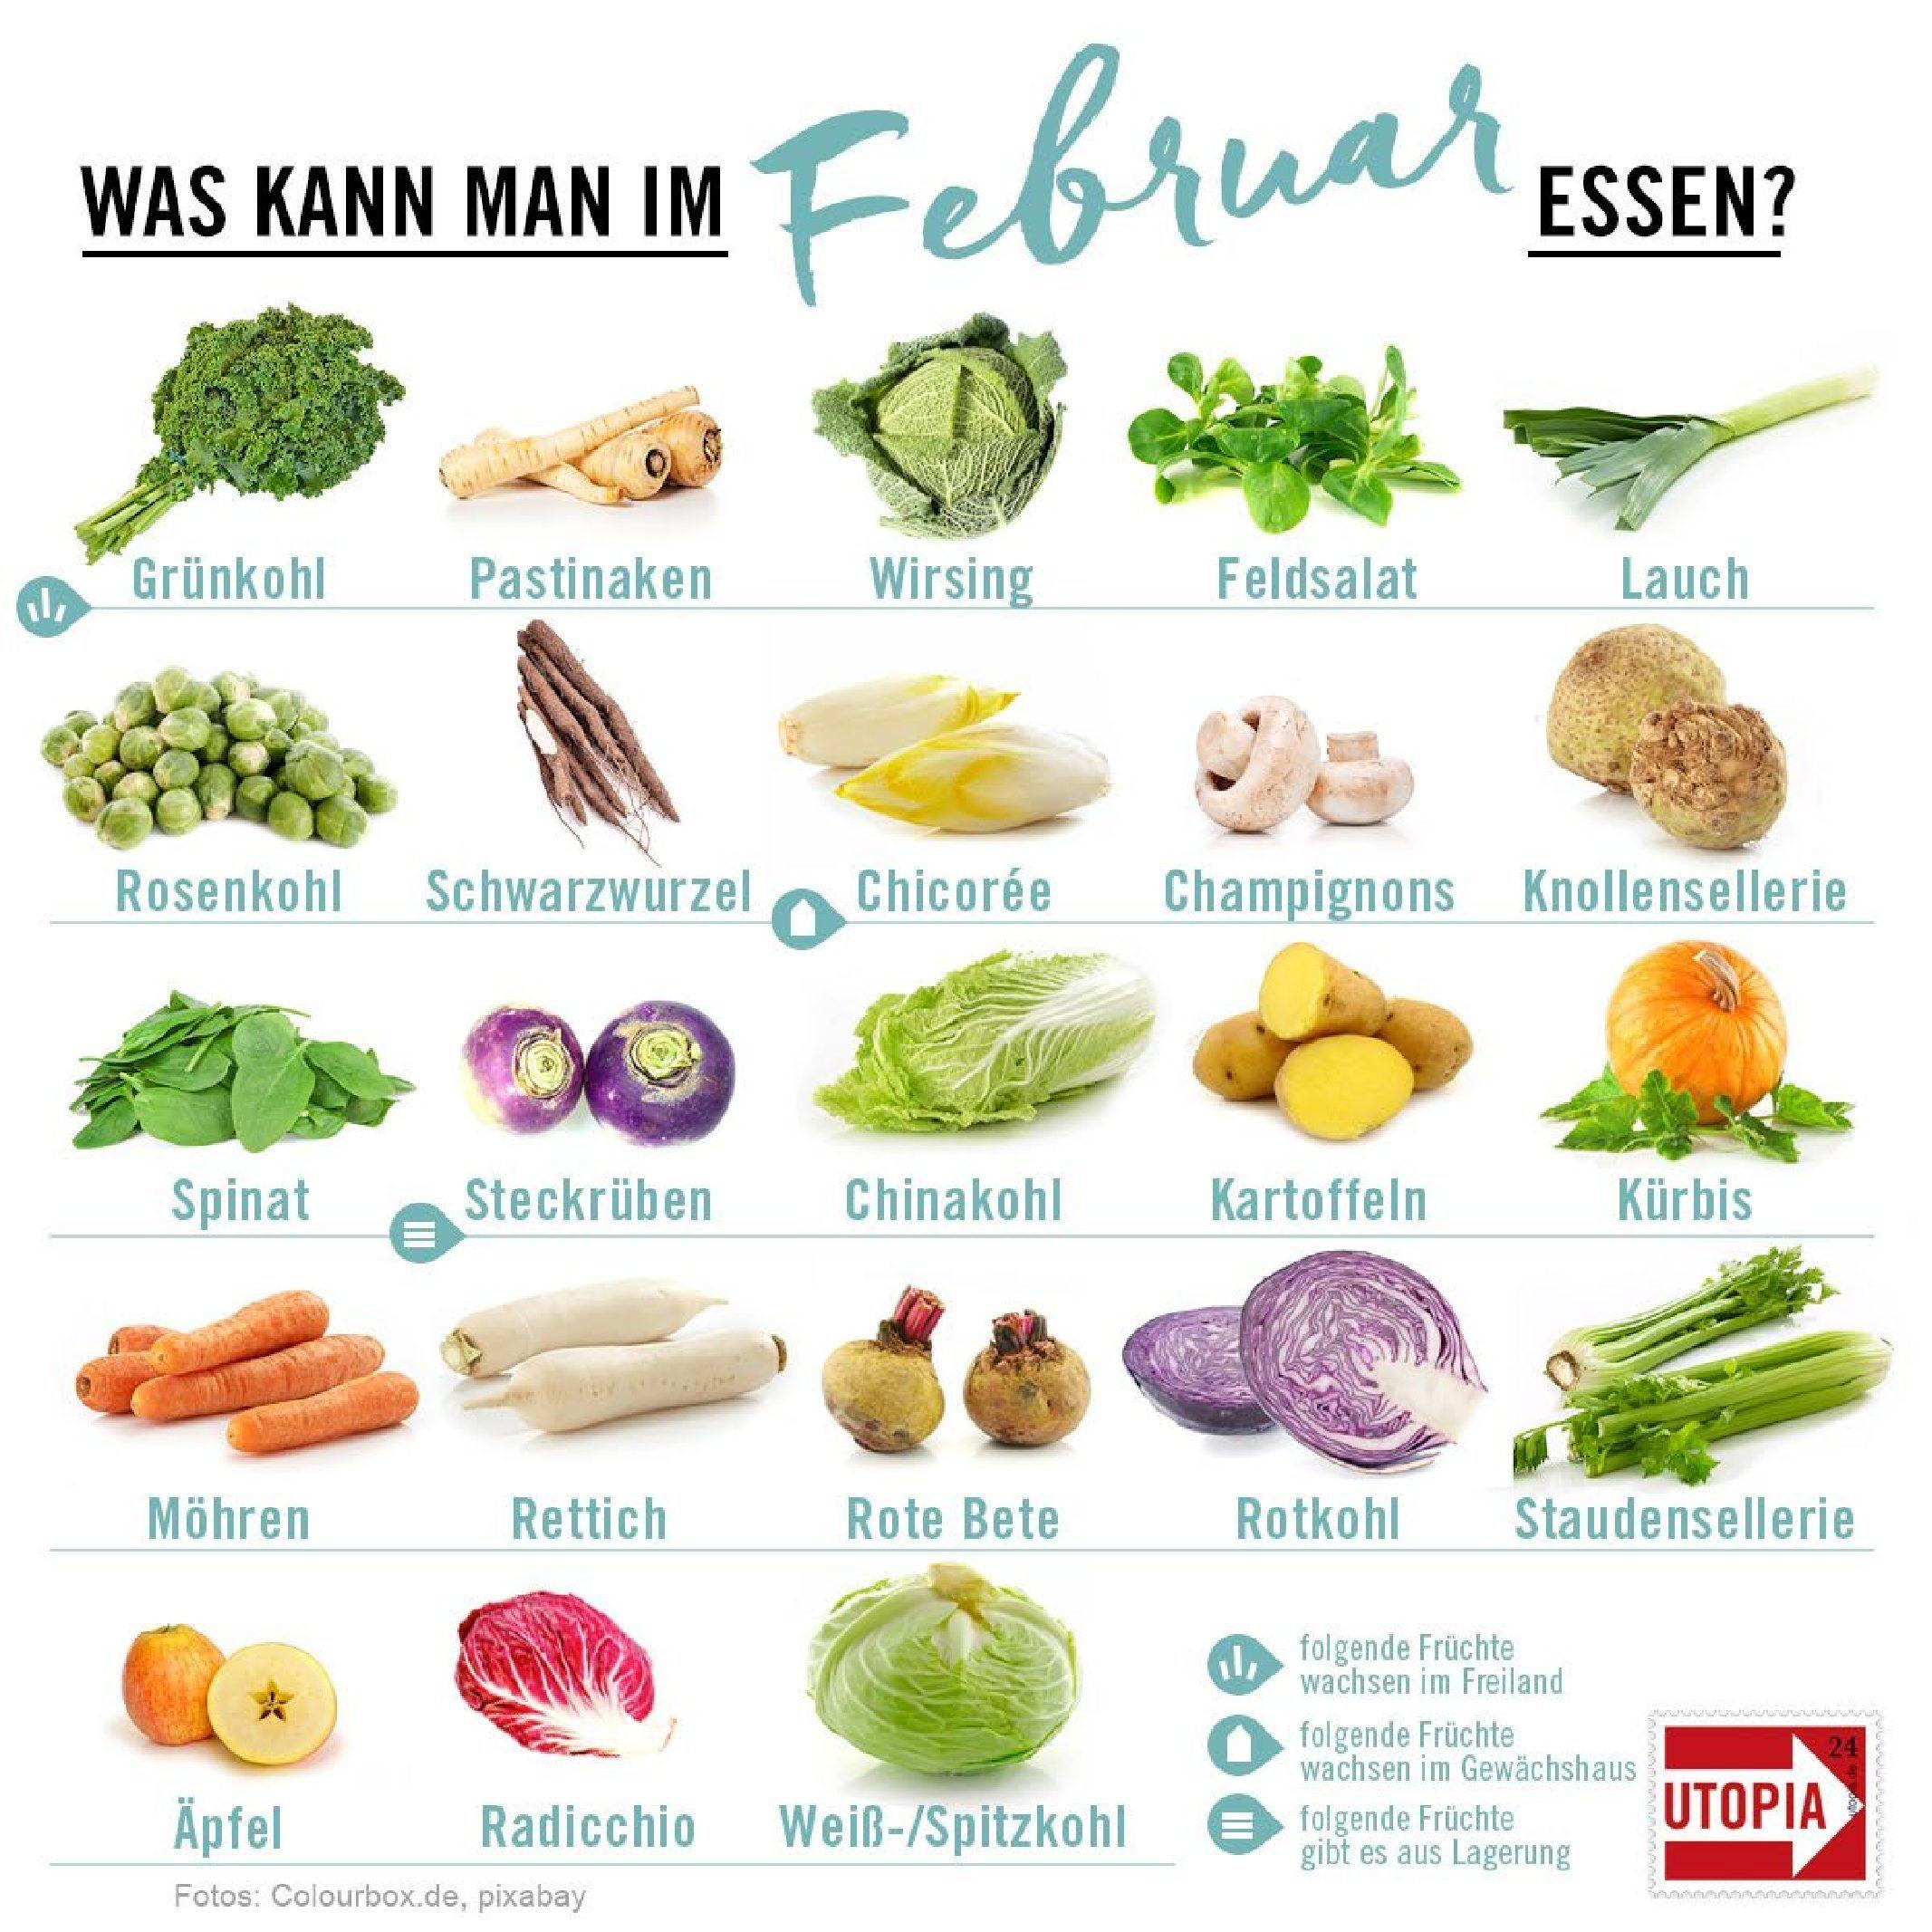 Grünkohl, Pastinaken, Feldsalat: Obst und Gemüse, das jetzt Saison hat